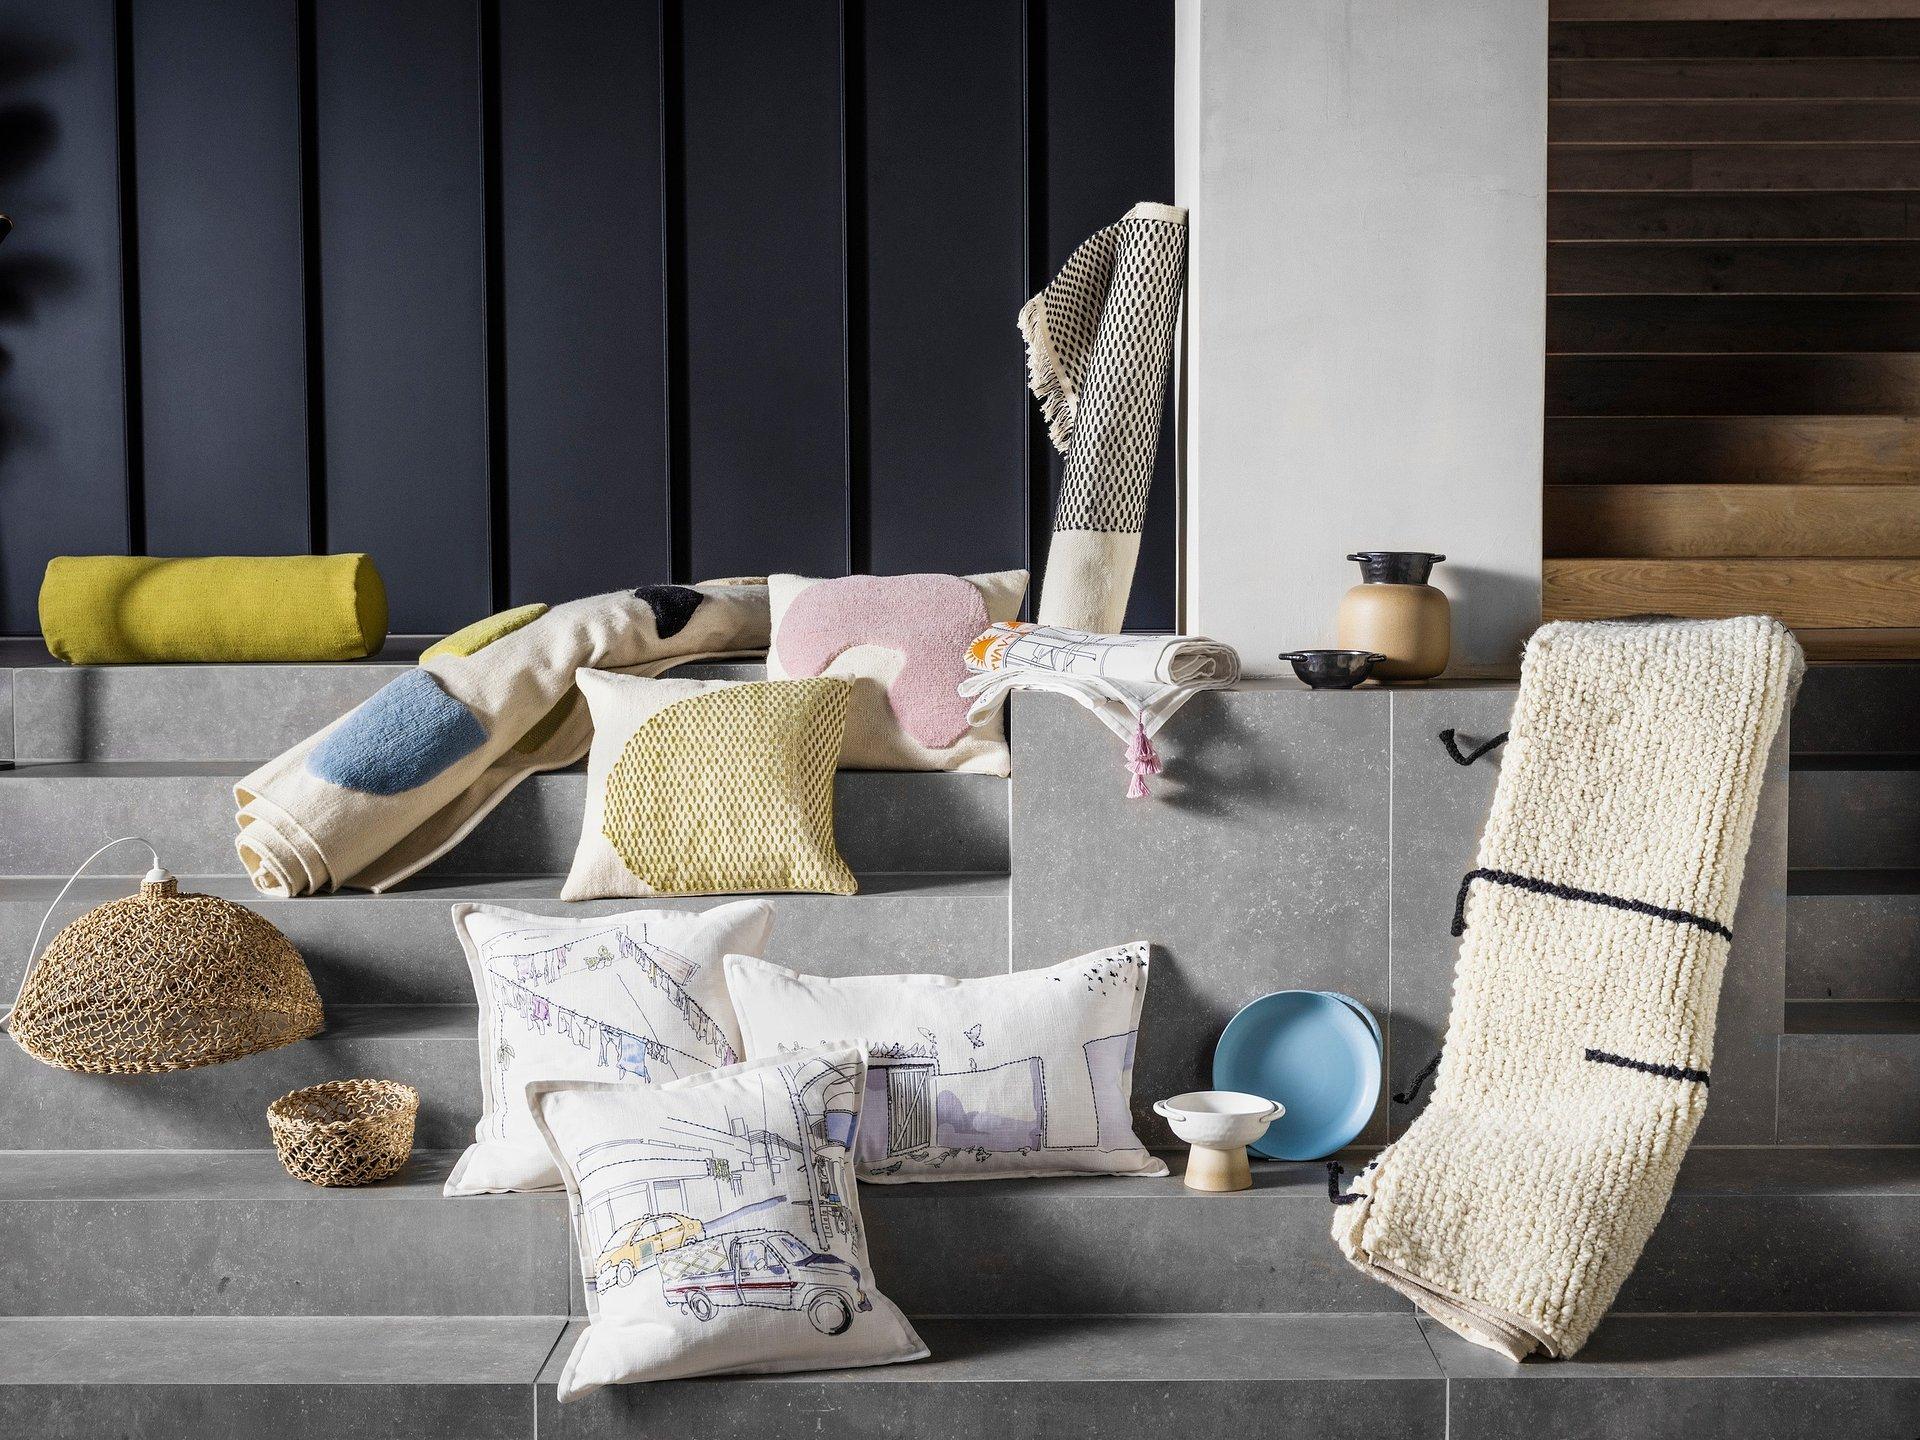 Spotkanie współczesnego lokalnego designu z tradycyjnym rzemiosłem w limitowanej kolekcji IKEA LOKALT